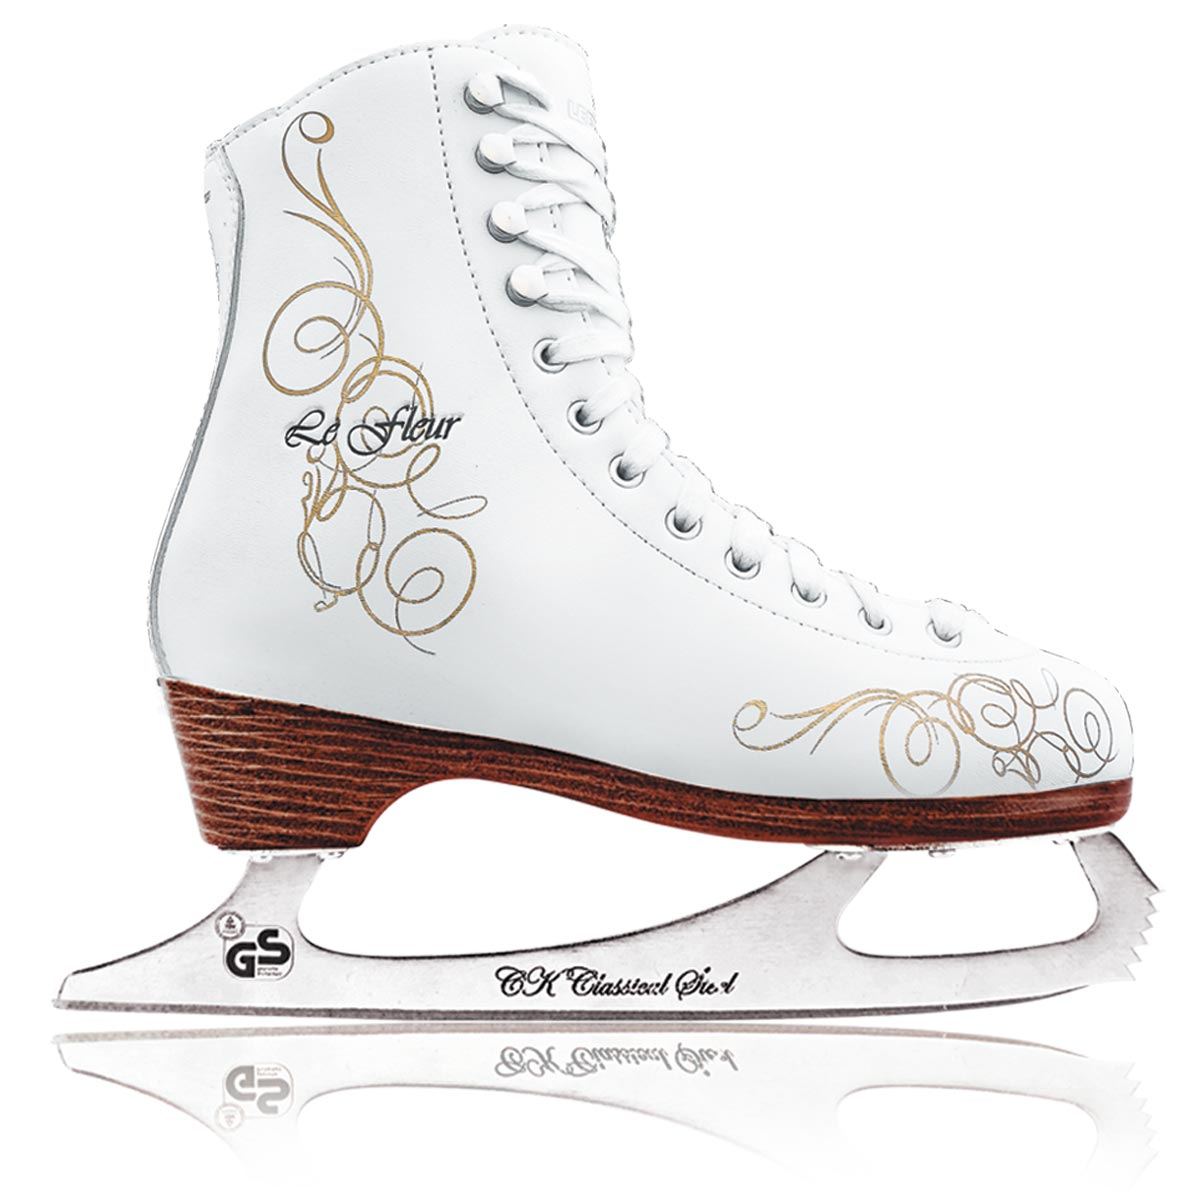 Коньки фигурные для девочки СК Le Fleur Leather 50/50, цвет: белый, золотой. Размер 32